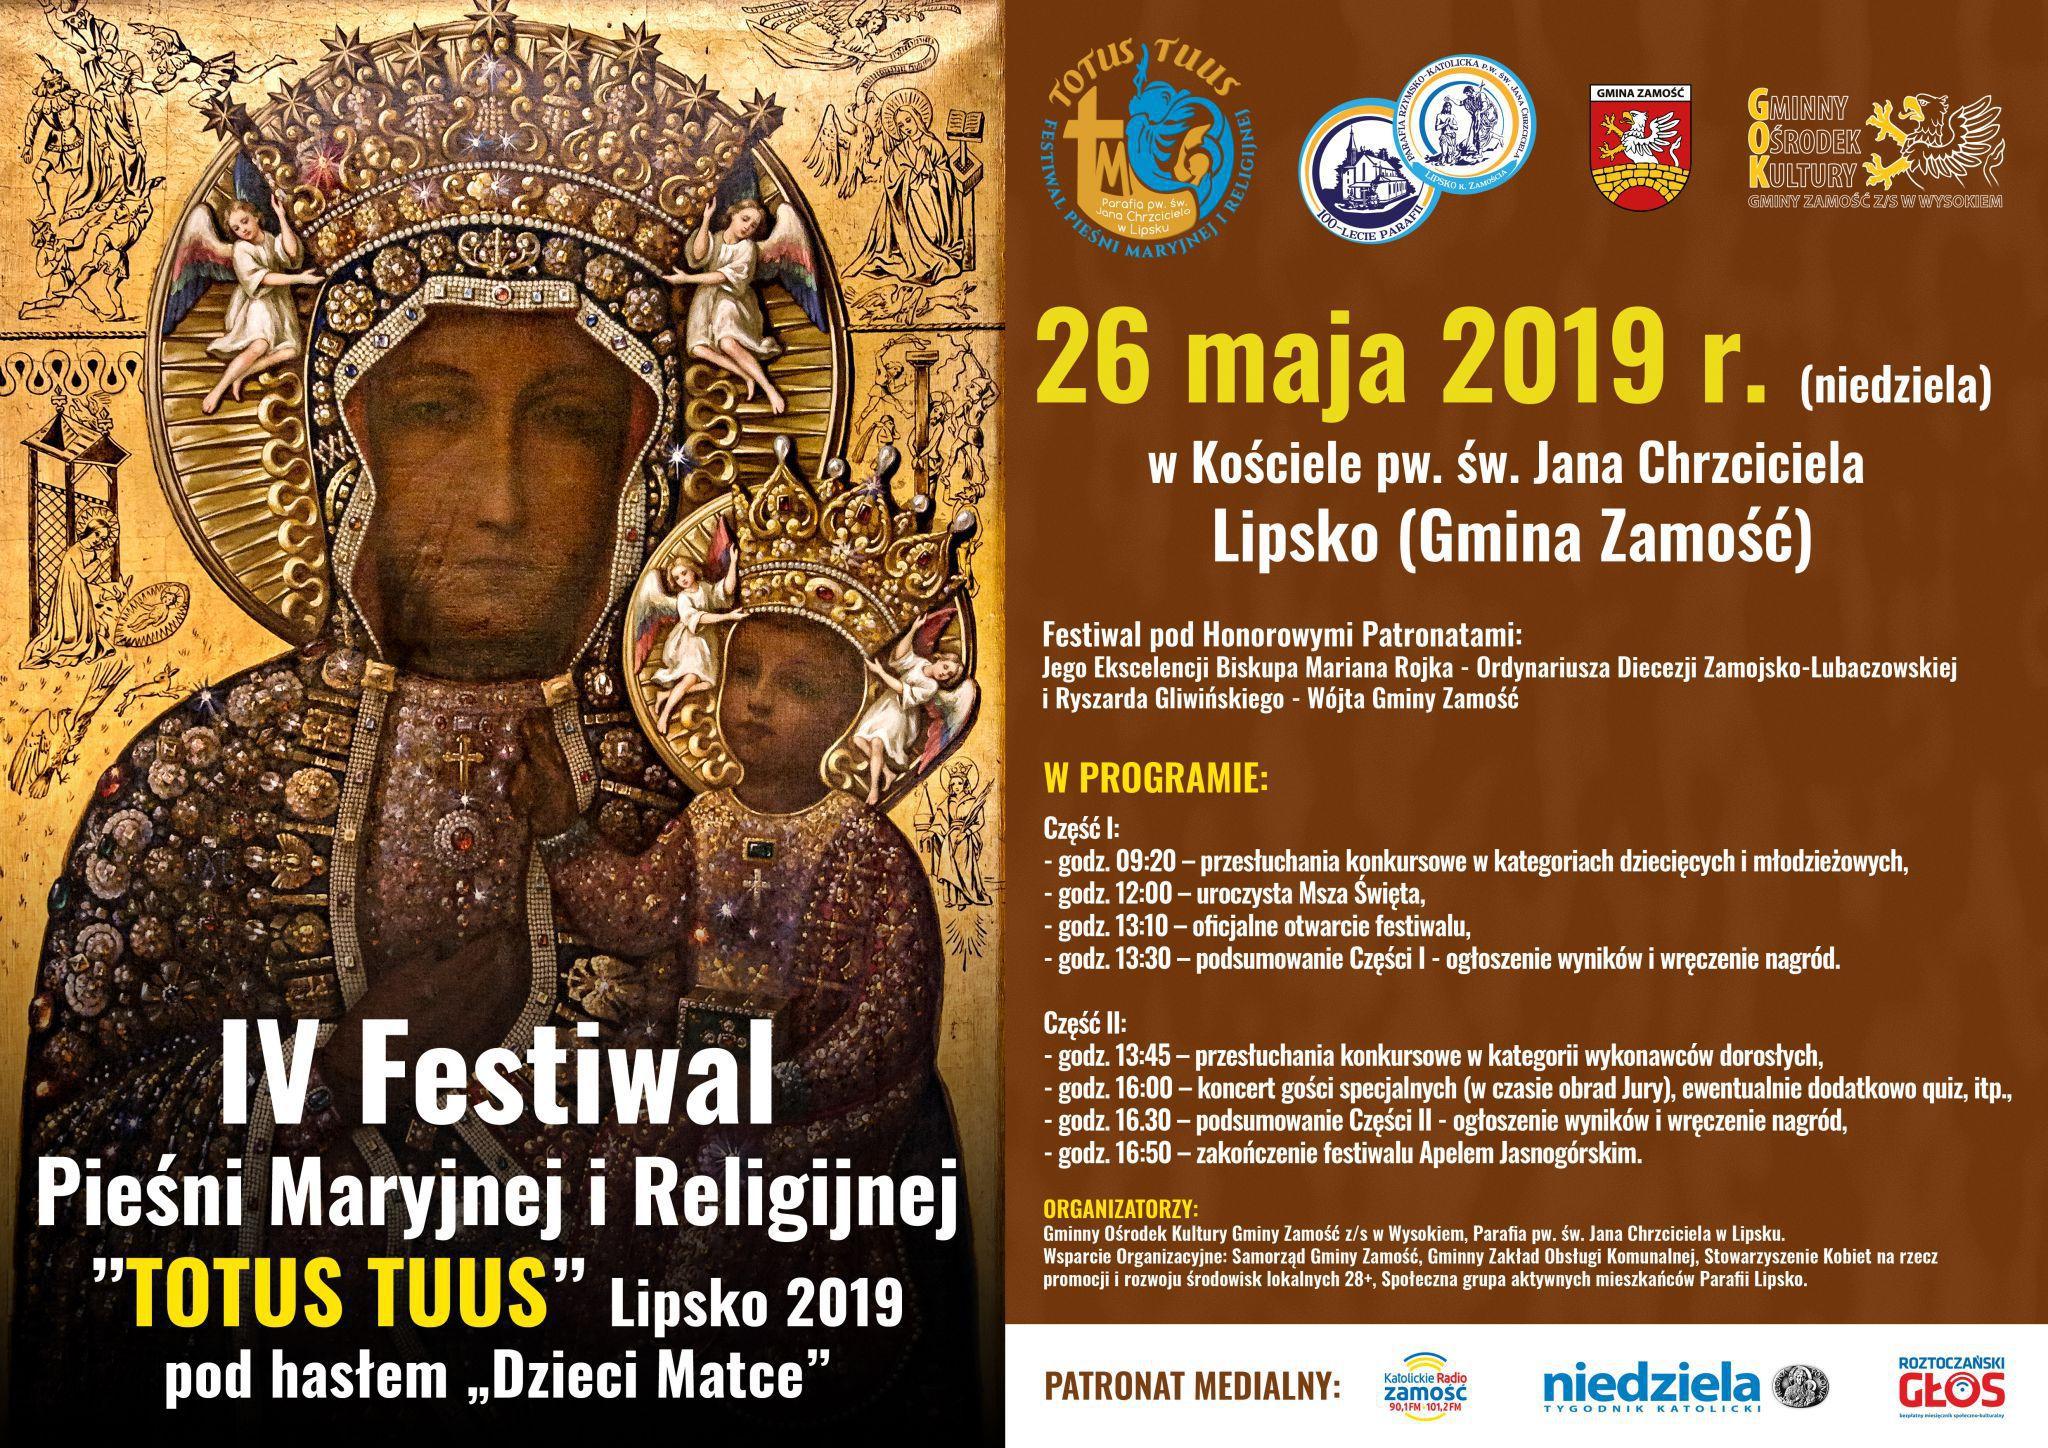 """plakat festiwal maryjny lipsko 2019 Przed nami IV Festiwal Pieśni Maryjnej i Religijnej """"TOTUS TUUS"""